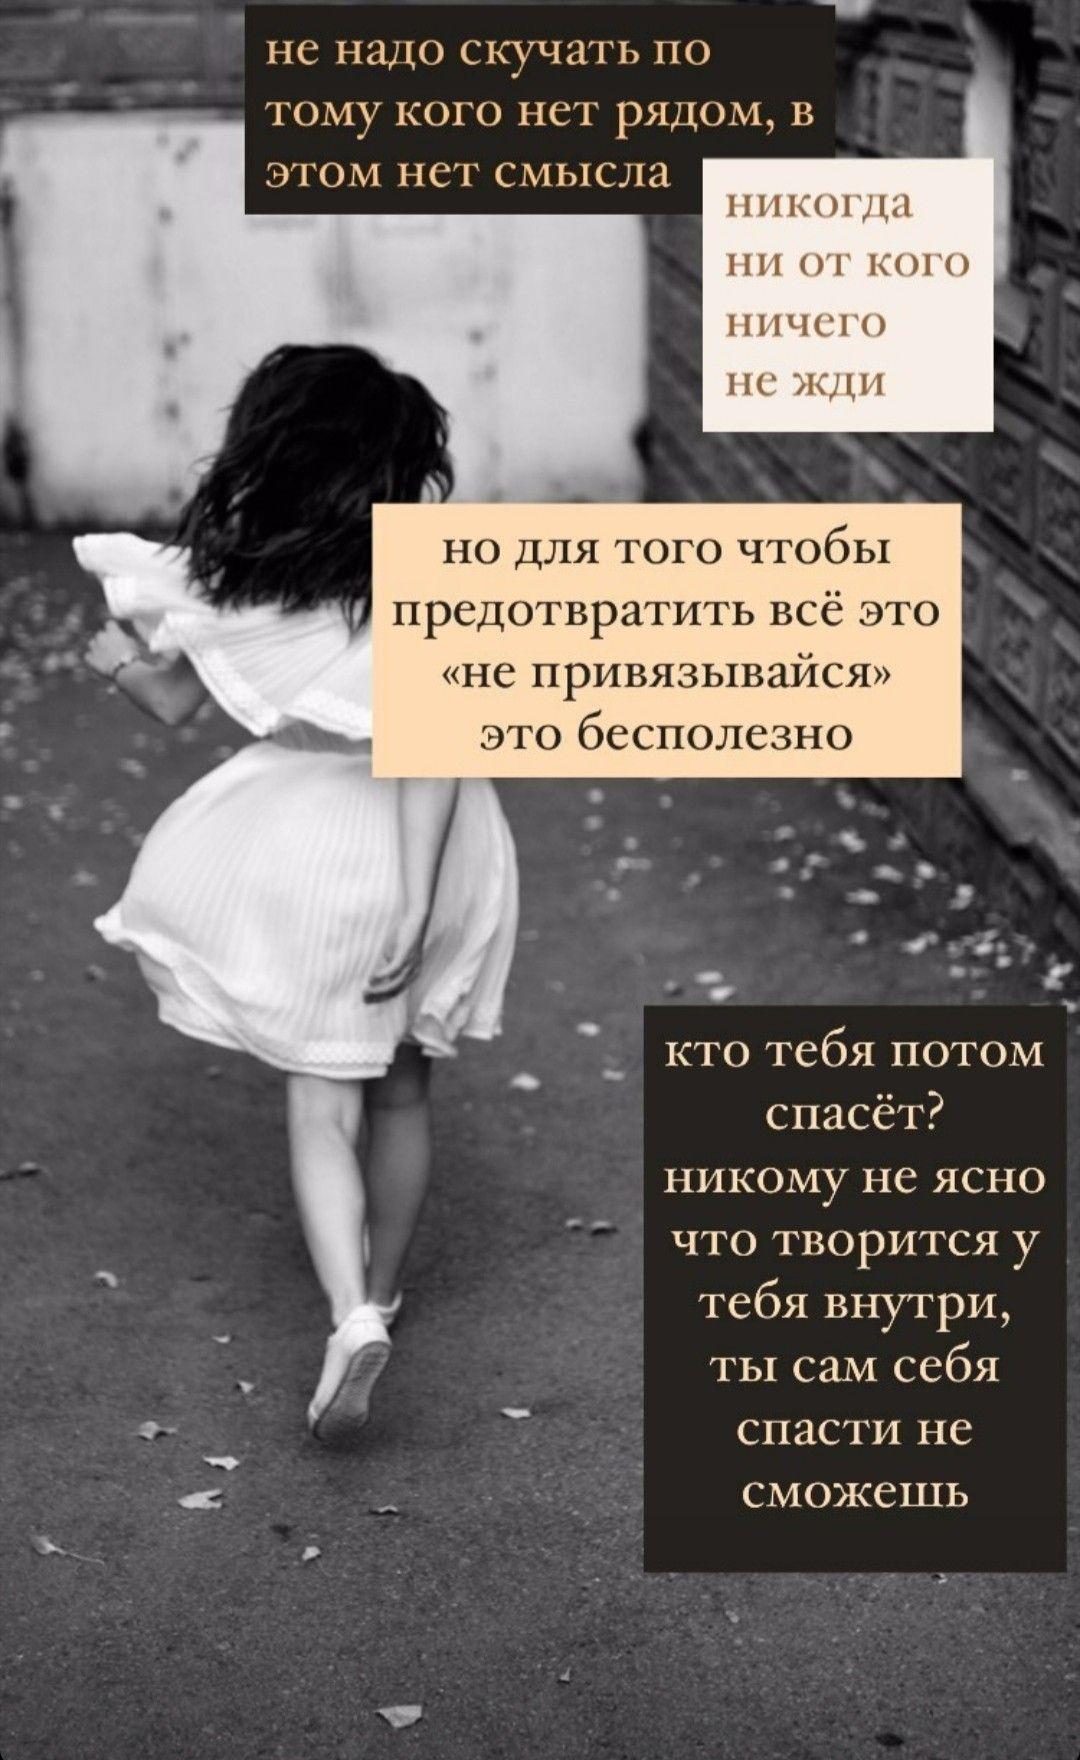 Bez Vseh Prosto Zhit Prosto Dlya Sebya Lettering Tomy Letter Board